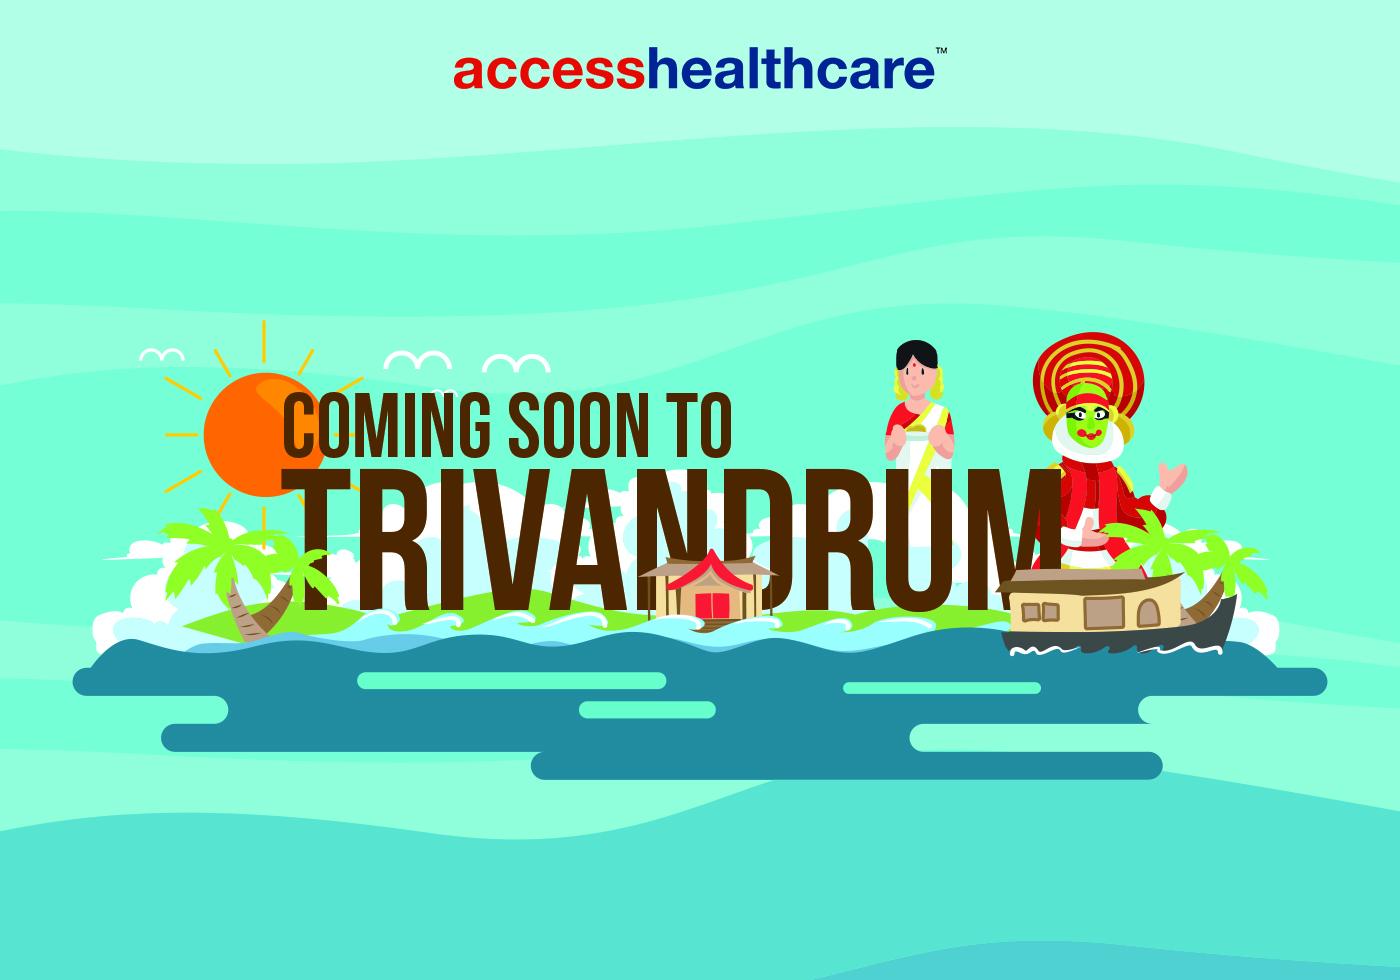 accesshealthcare-trivandrum.jpg